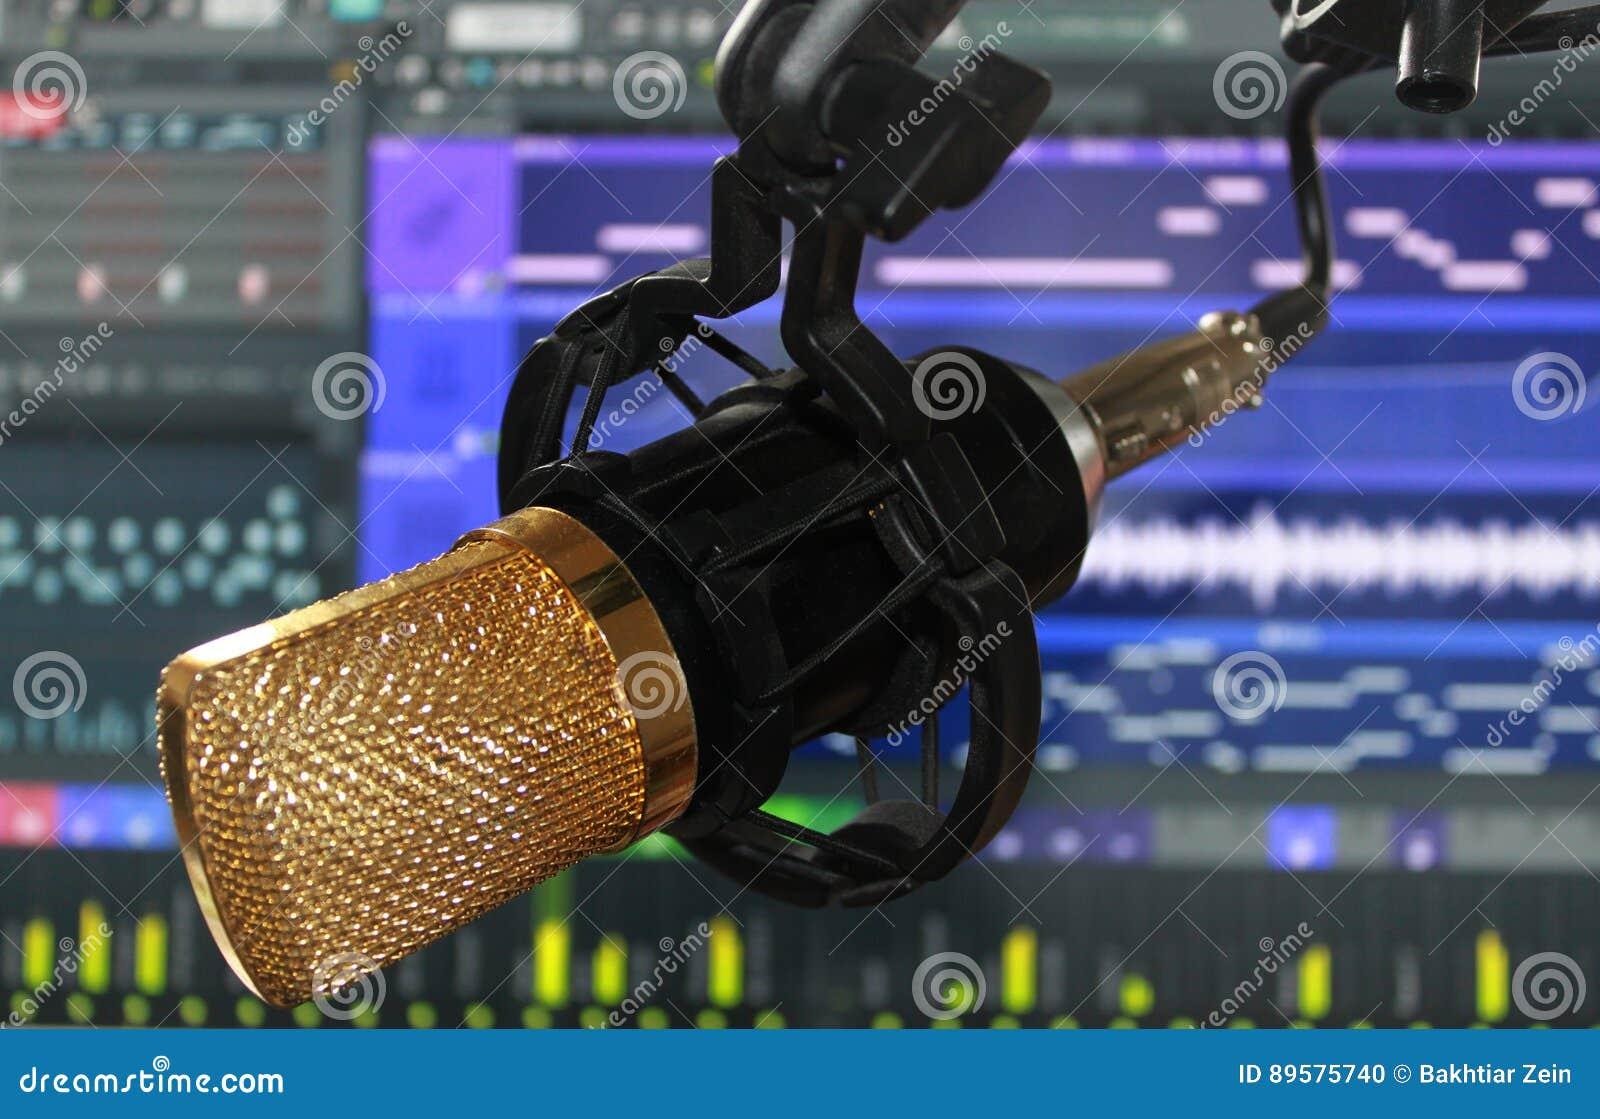 Mictophone rozsądnego pisaka kondensatorowy studio z oprogramowaniem w ekranie komputerowym behind